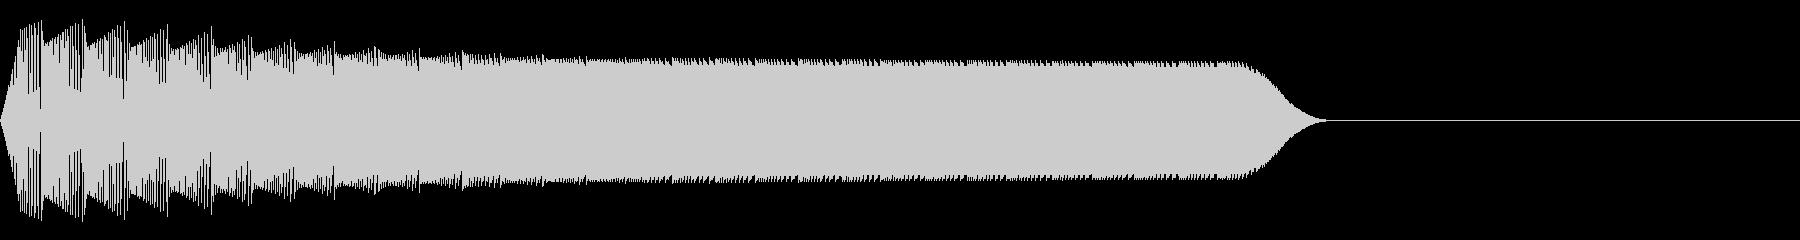 ビー!(ノイズ/騒音/エラー/ファミコンの未再生の波形